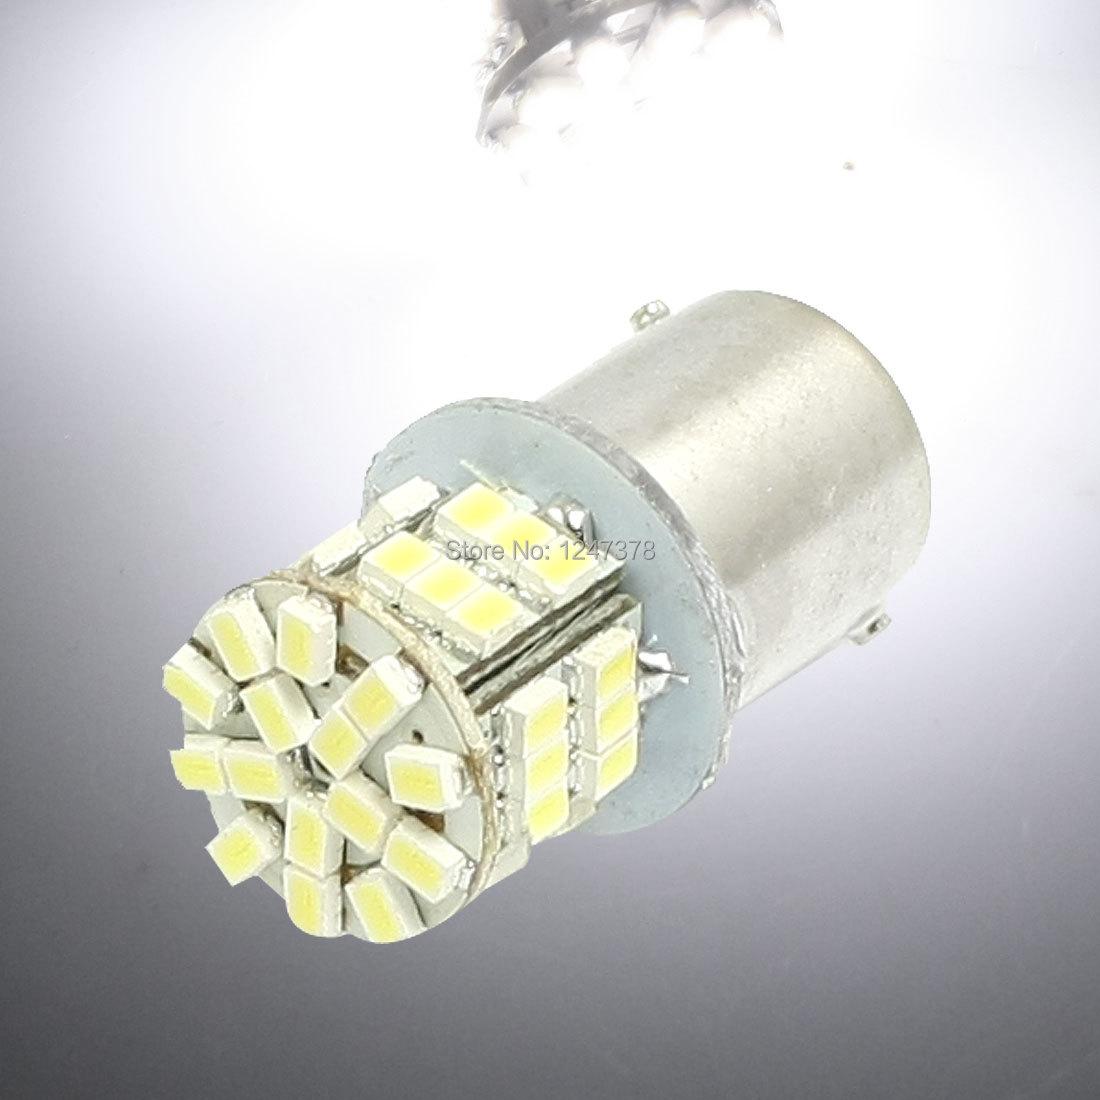 35 мм x 18 мм ( L * D ) белый 1156 P21W BA15S 45 1206 СМД из светодиодов сзади включите свет лампы для автомобилей